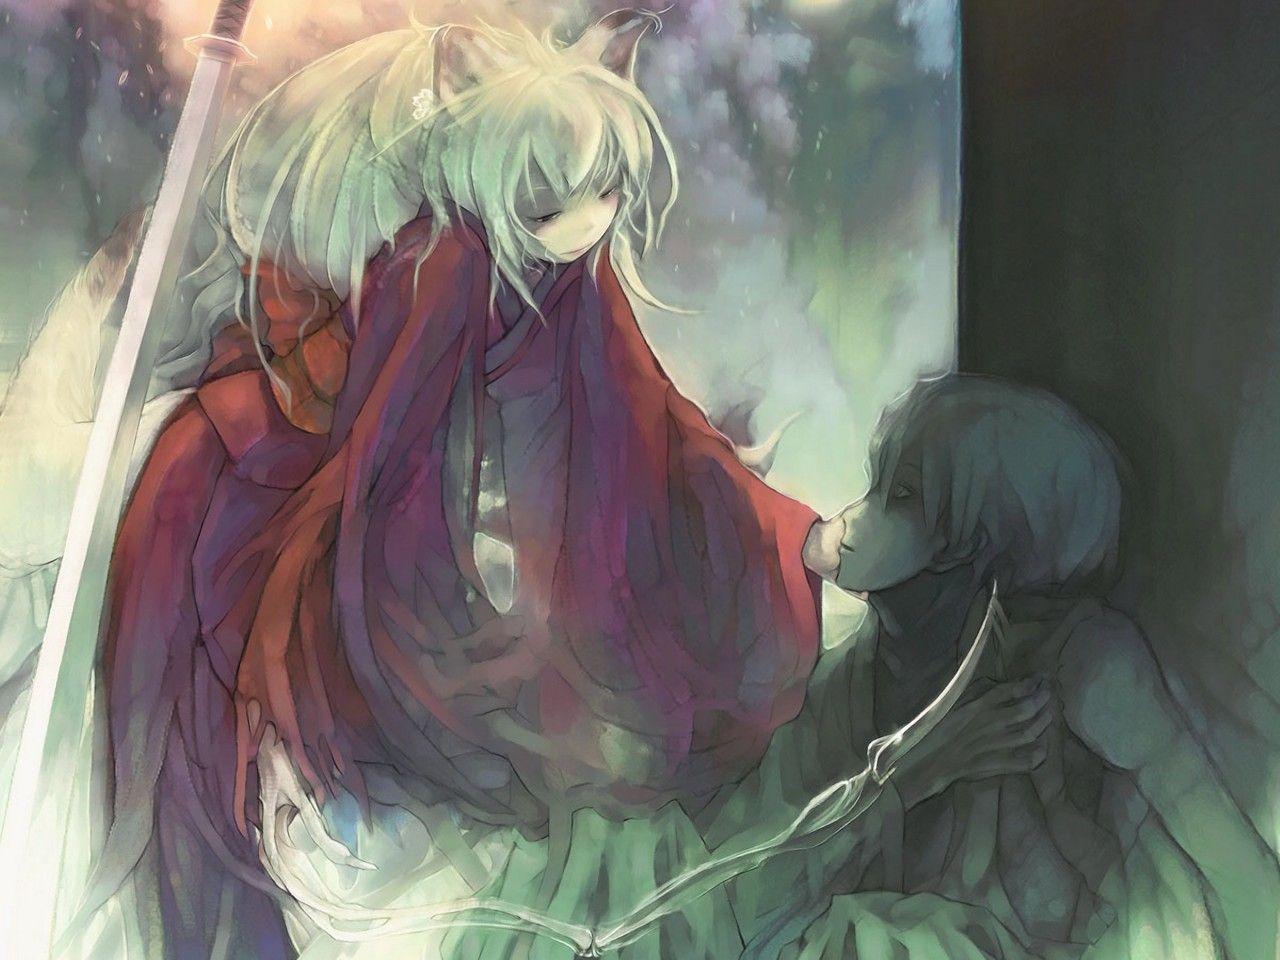 All Wallpaper Anime: Artistik for wallpaper anime A-Z II